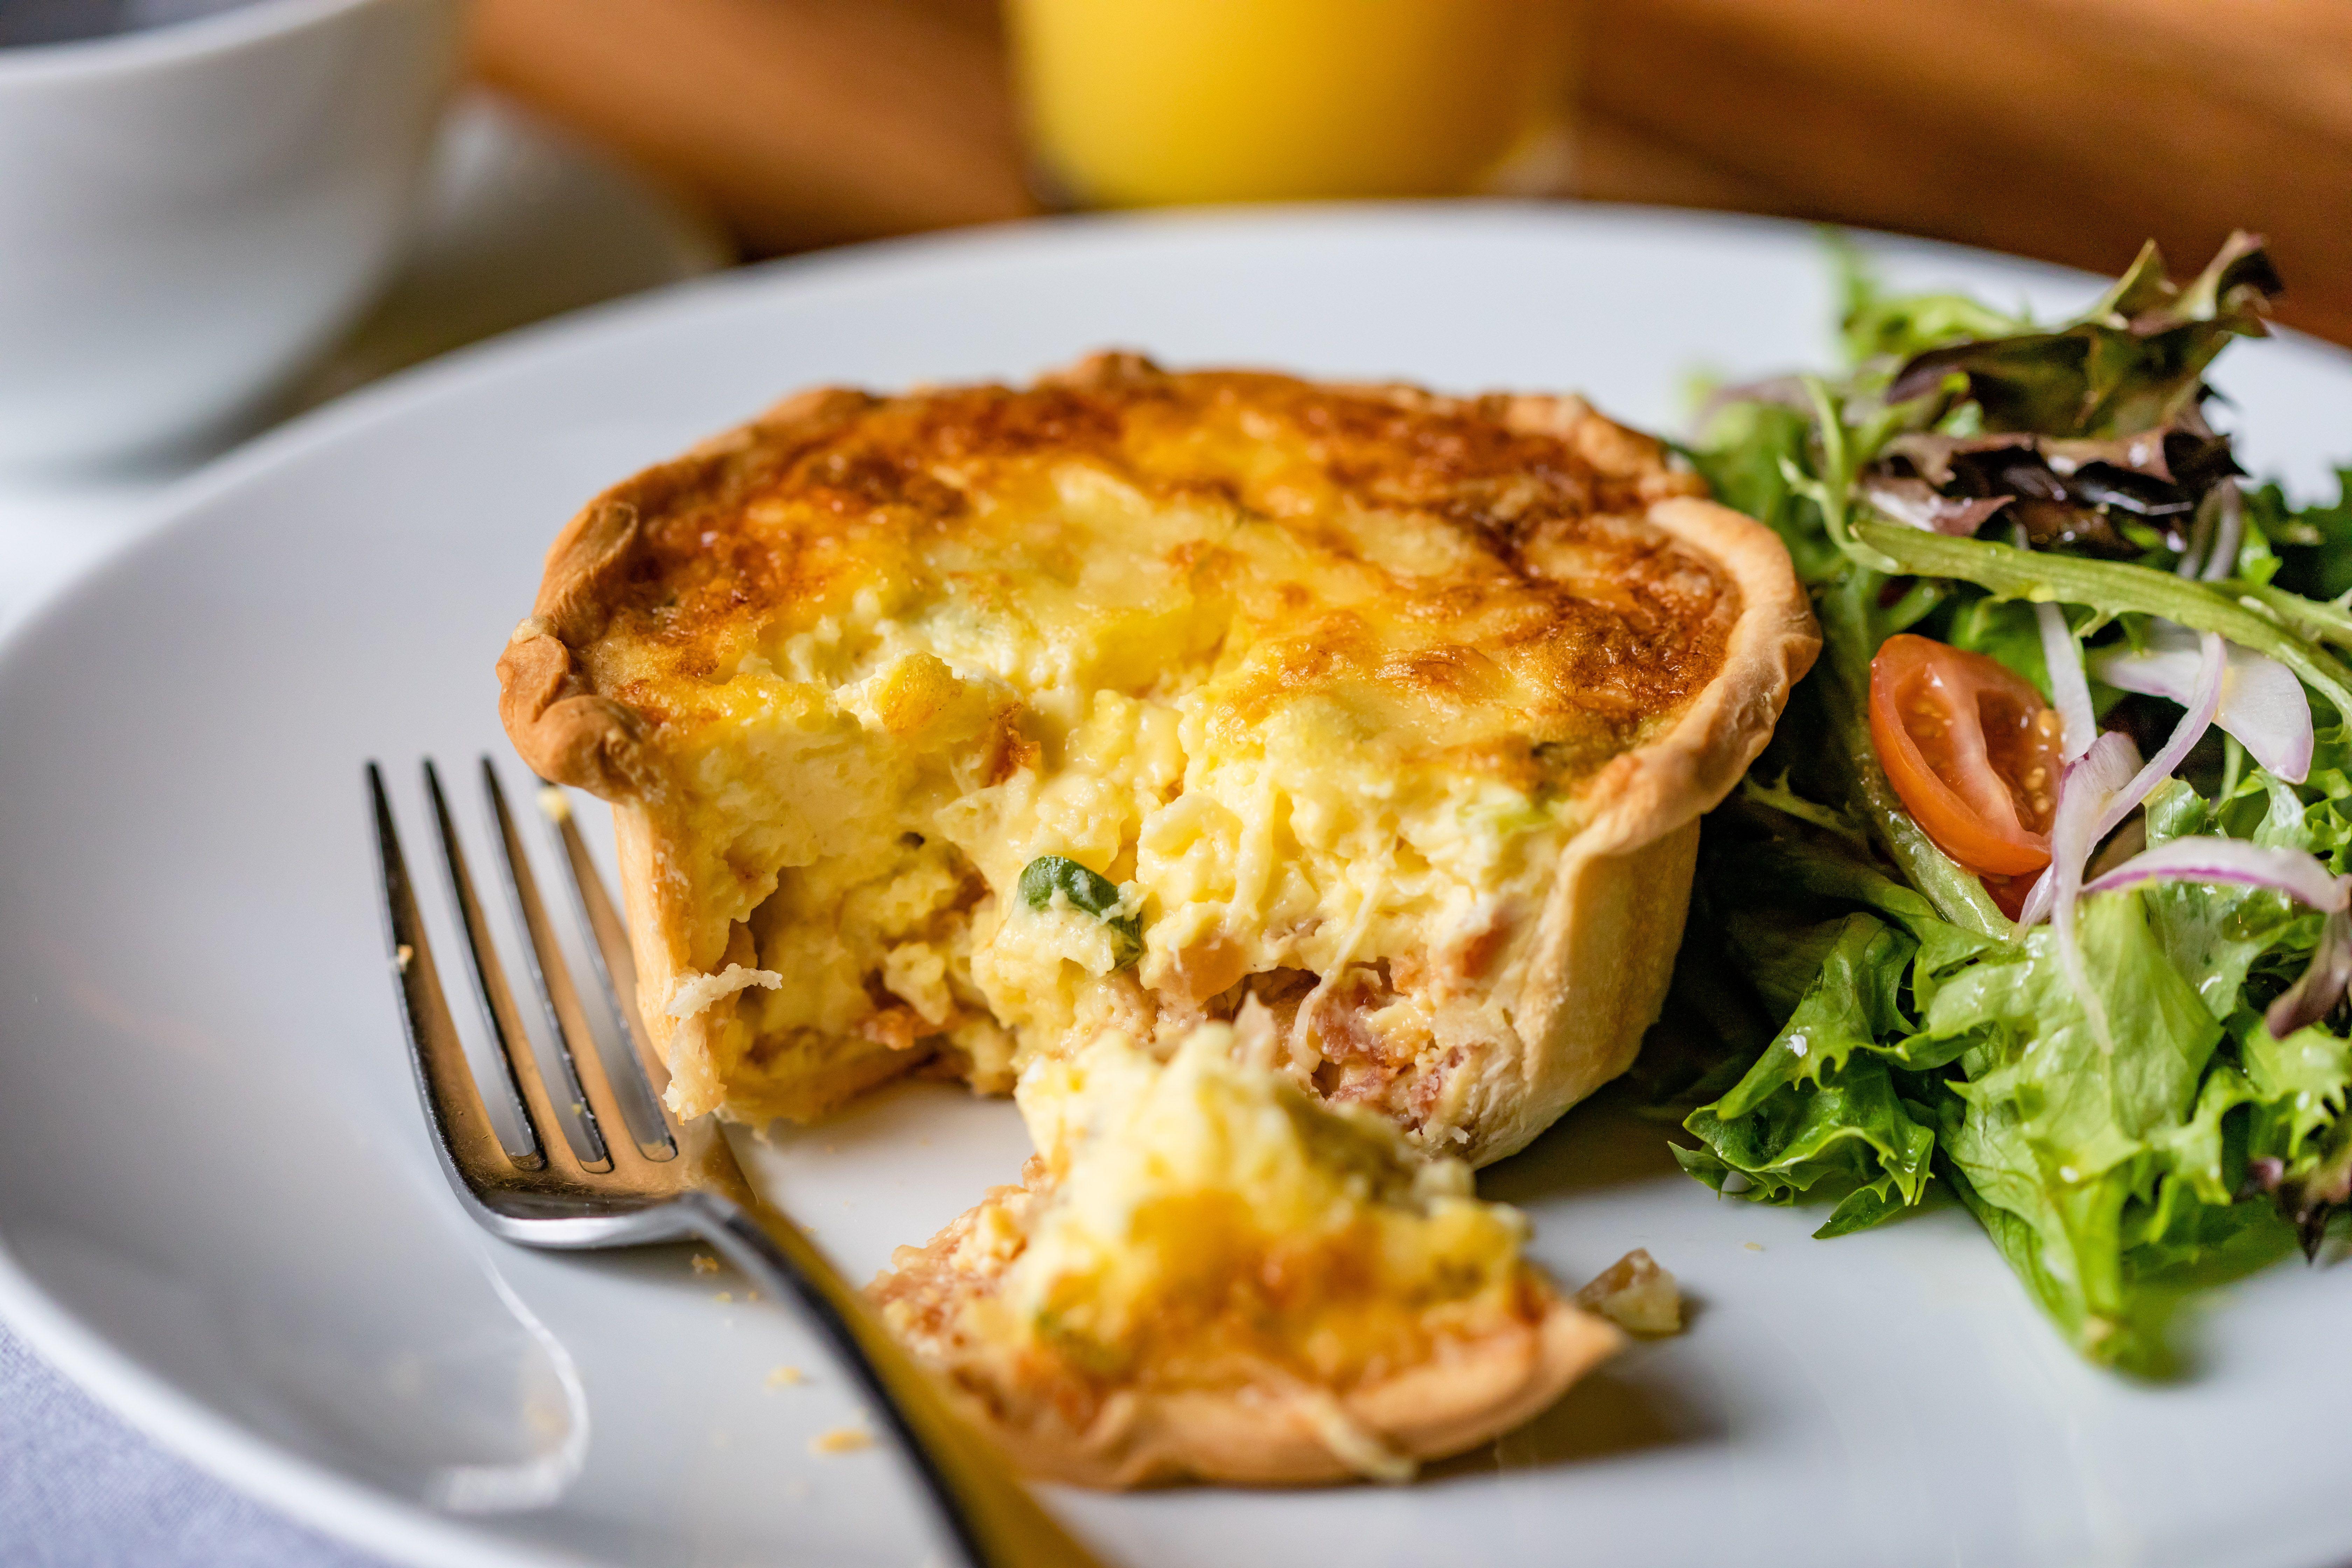 在沙拉和叉子旁边的白色板上的一个小乳蛋饼,用e块切出来